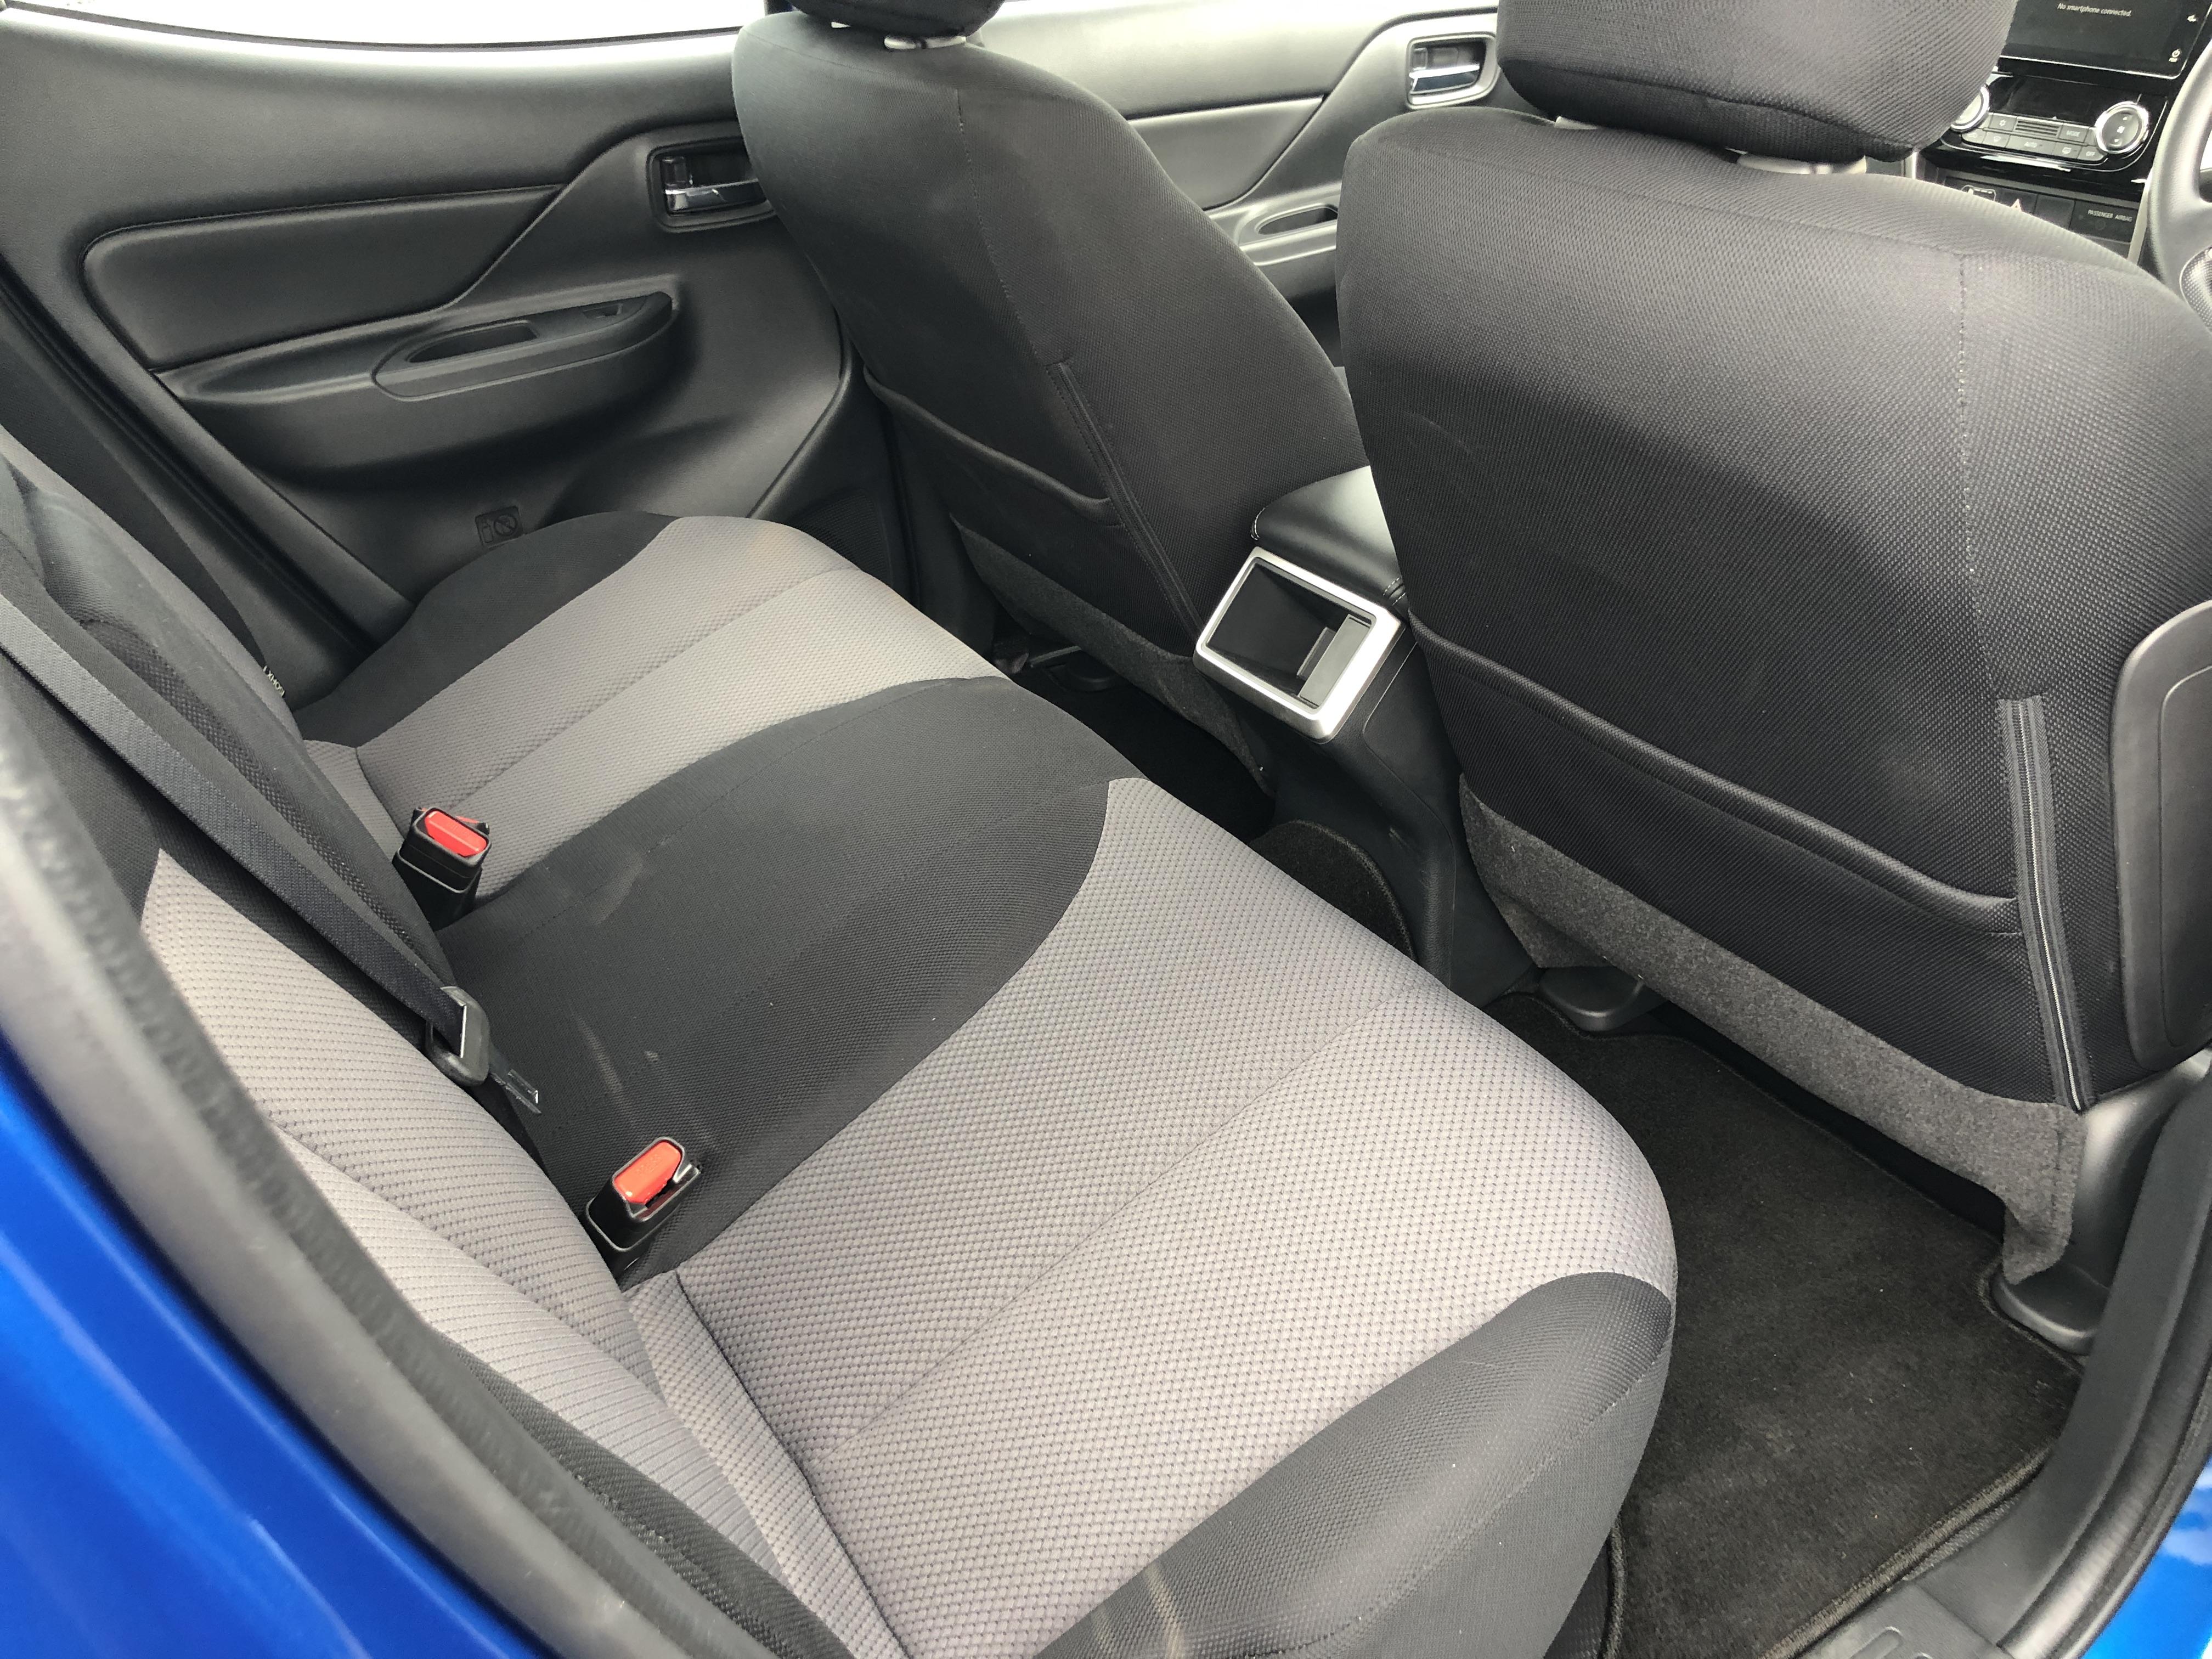 2019 Mitsubishi Triton review: GLX+ and GLS Premium   CarAdvice